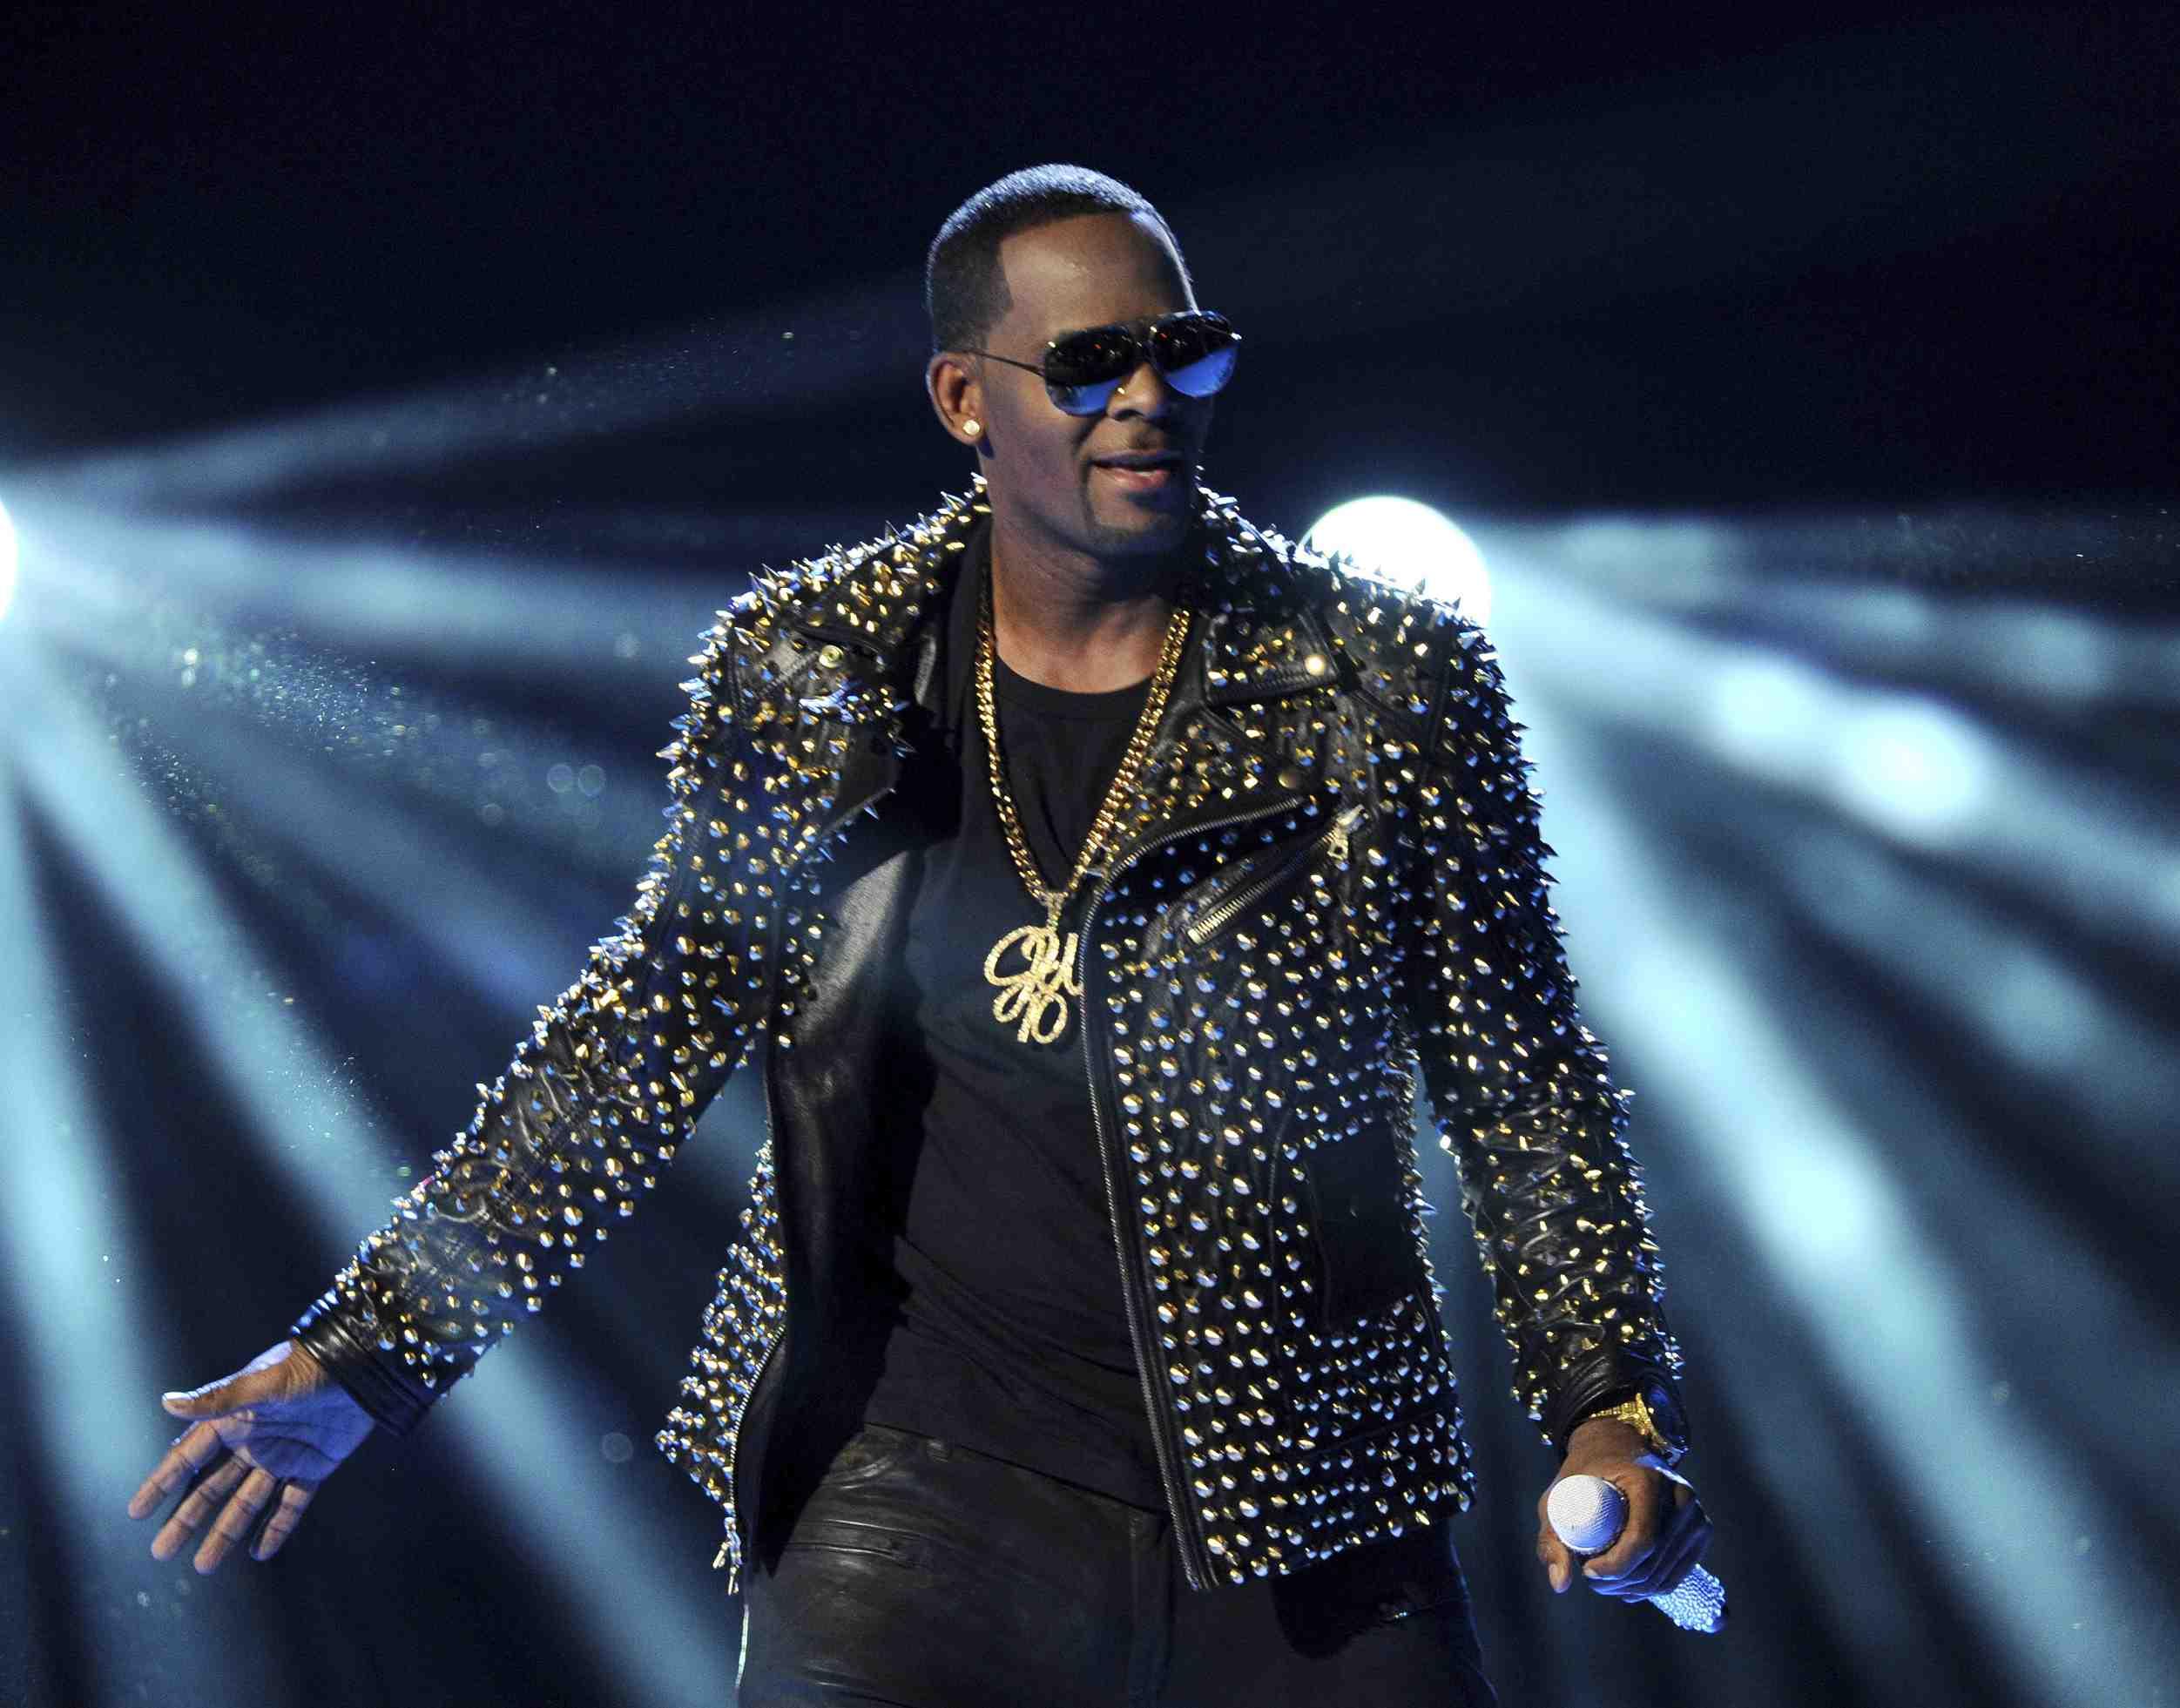 Celine Dion elimina de Spotify su colaboración con R. Kelly